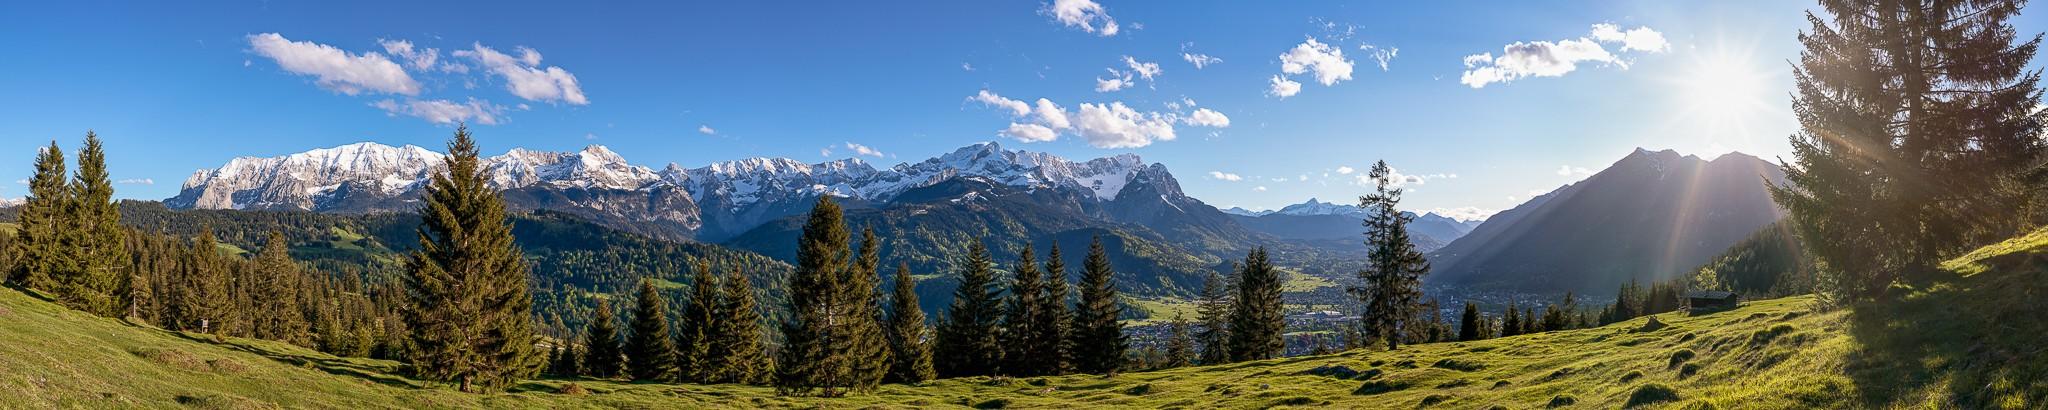 Bergwald  - Almwiese über Garmisch-Partenkirchen mit Blick auf die Garmisch-Partenkirchener Berge. Wettersteingebirge mit Alpspitze und Zugspitze - rechts die Kramerspitz.